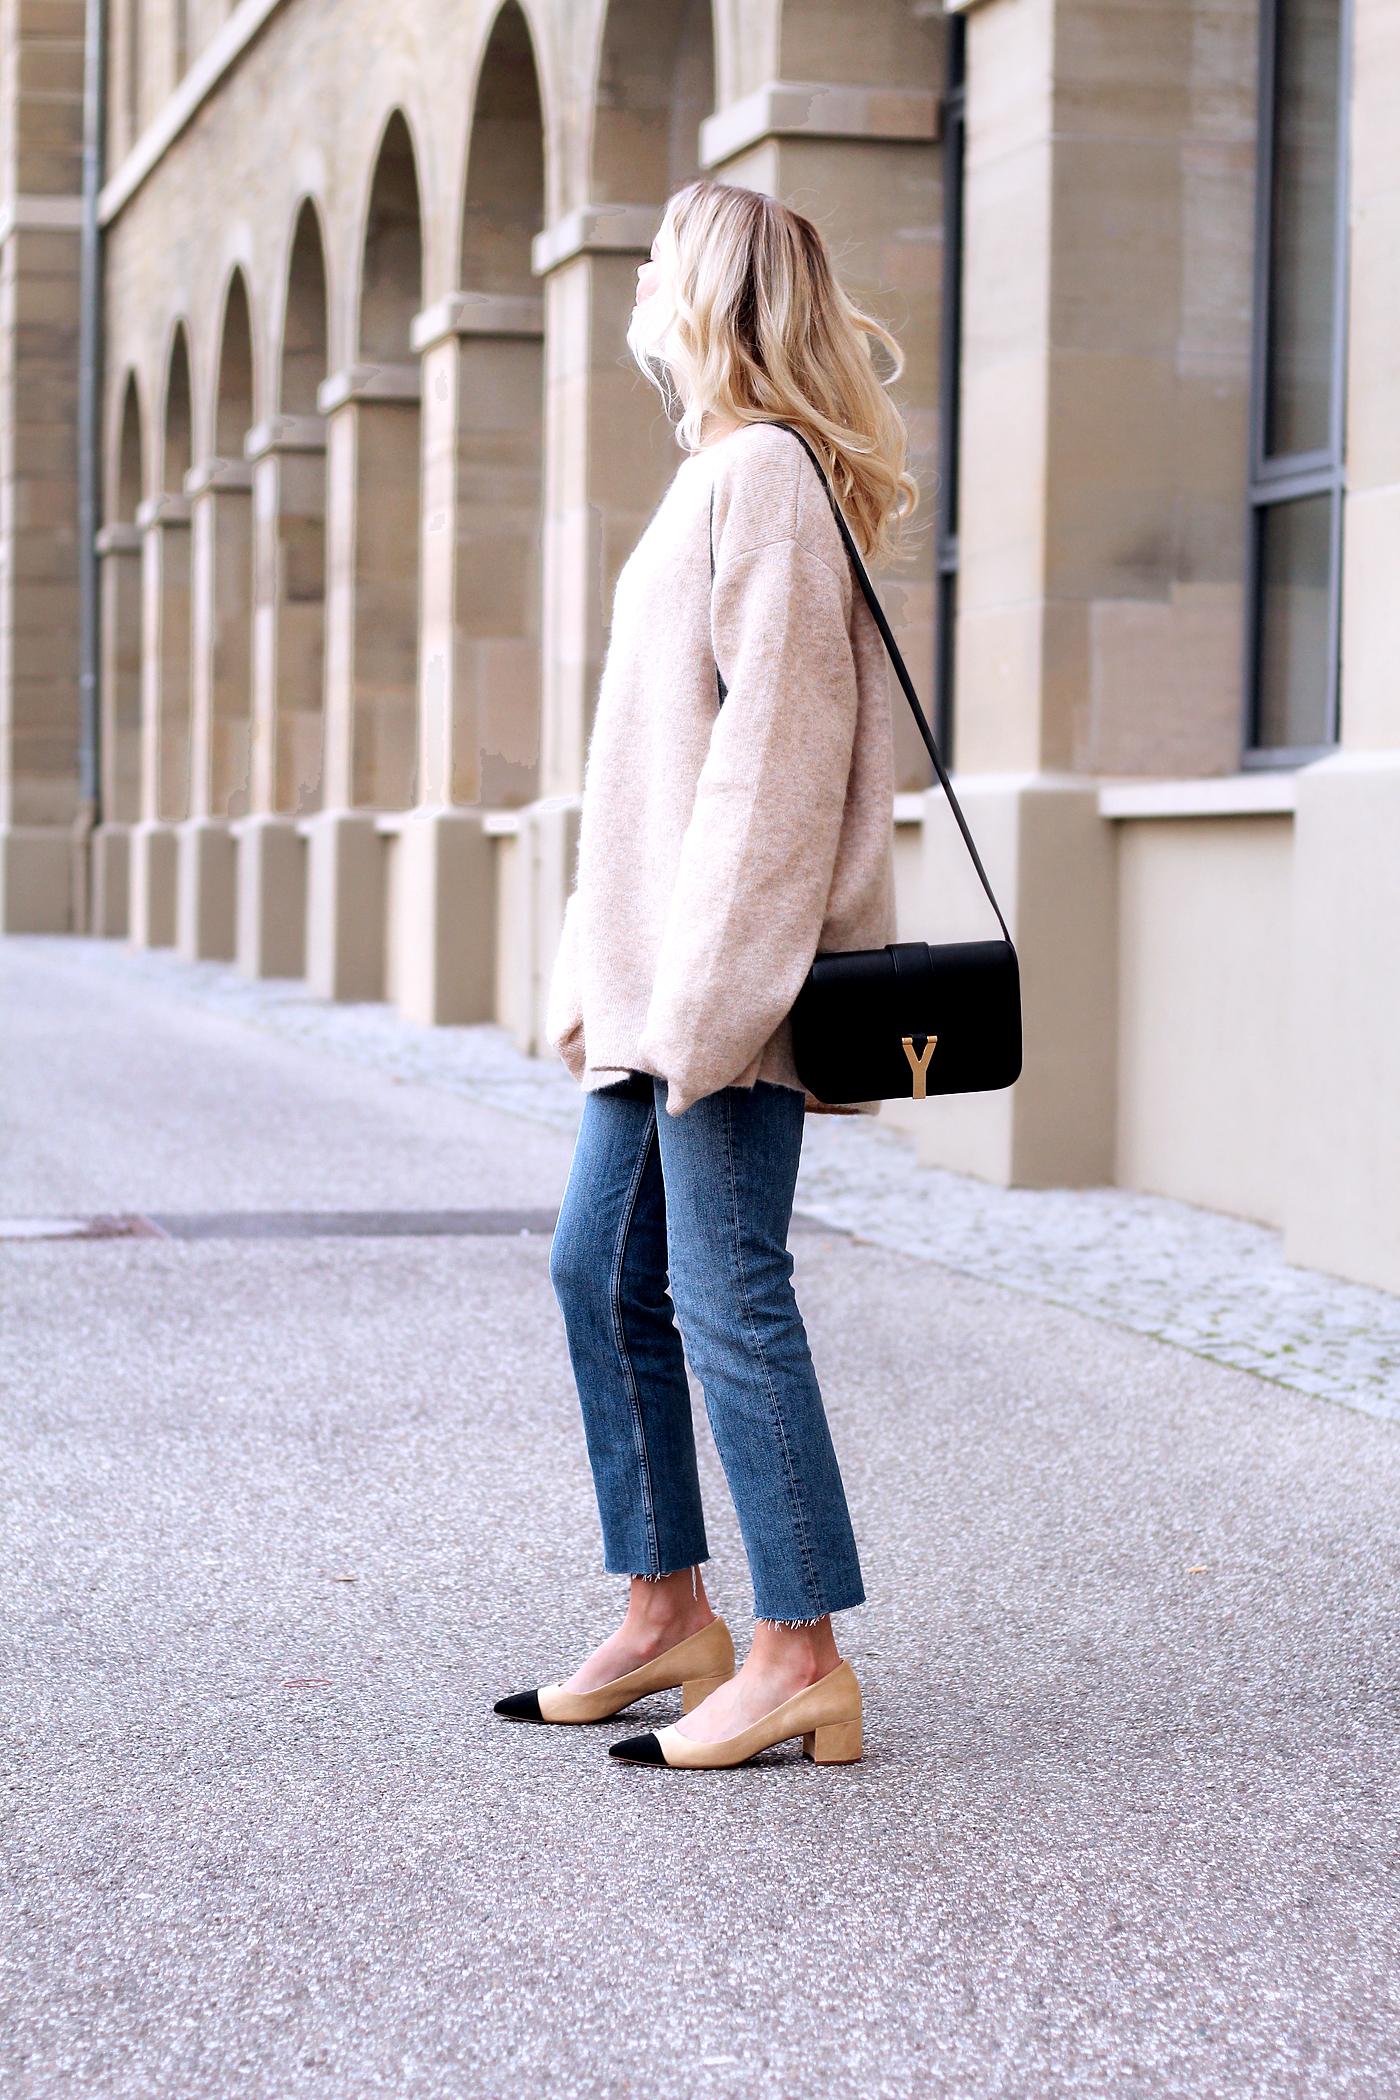 somehappyshoes_fashionblog_hm_mohair_sweater_oversized1